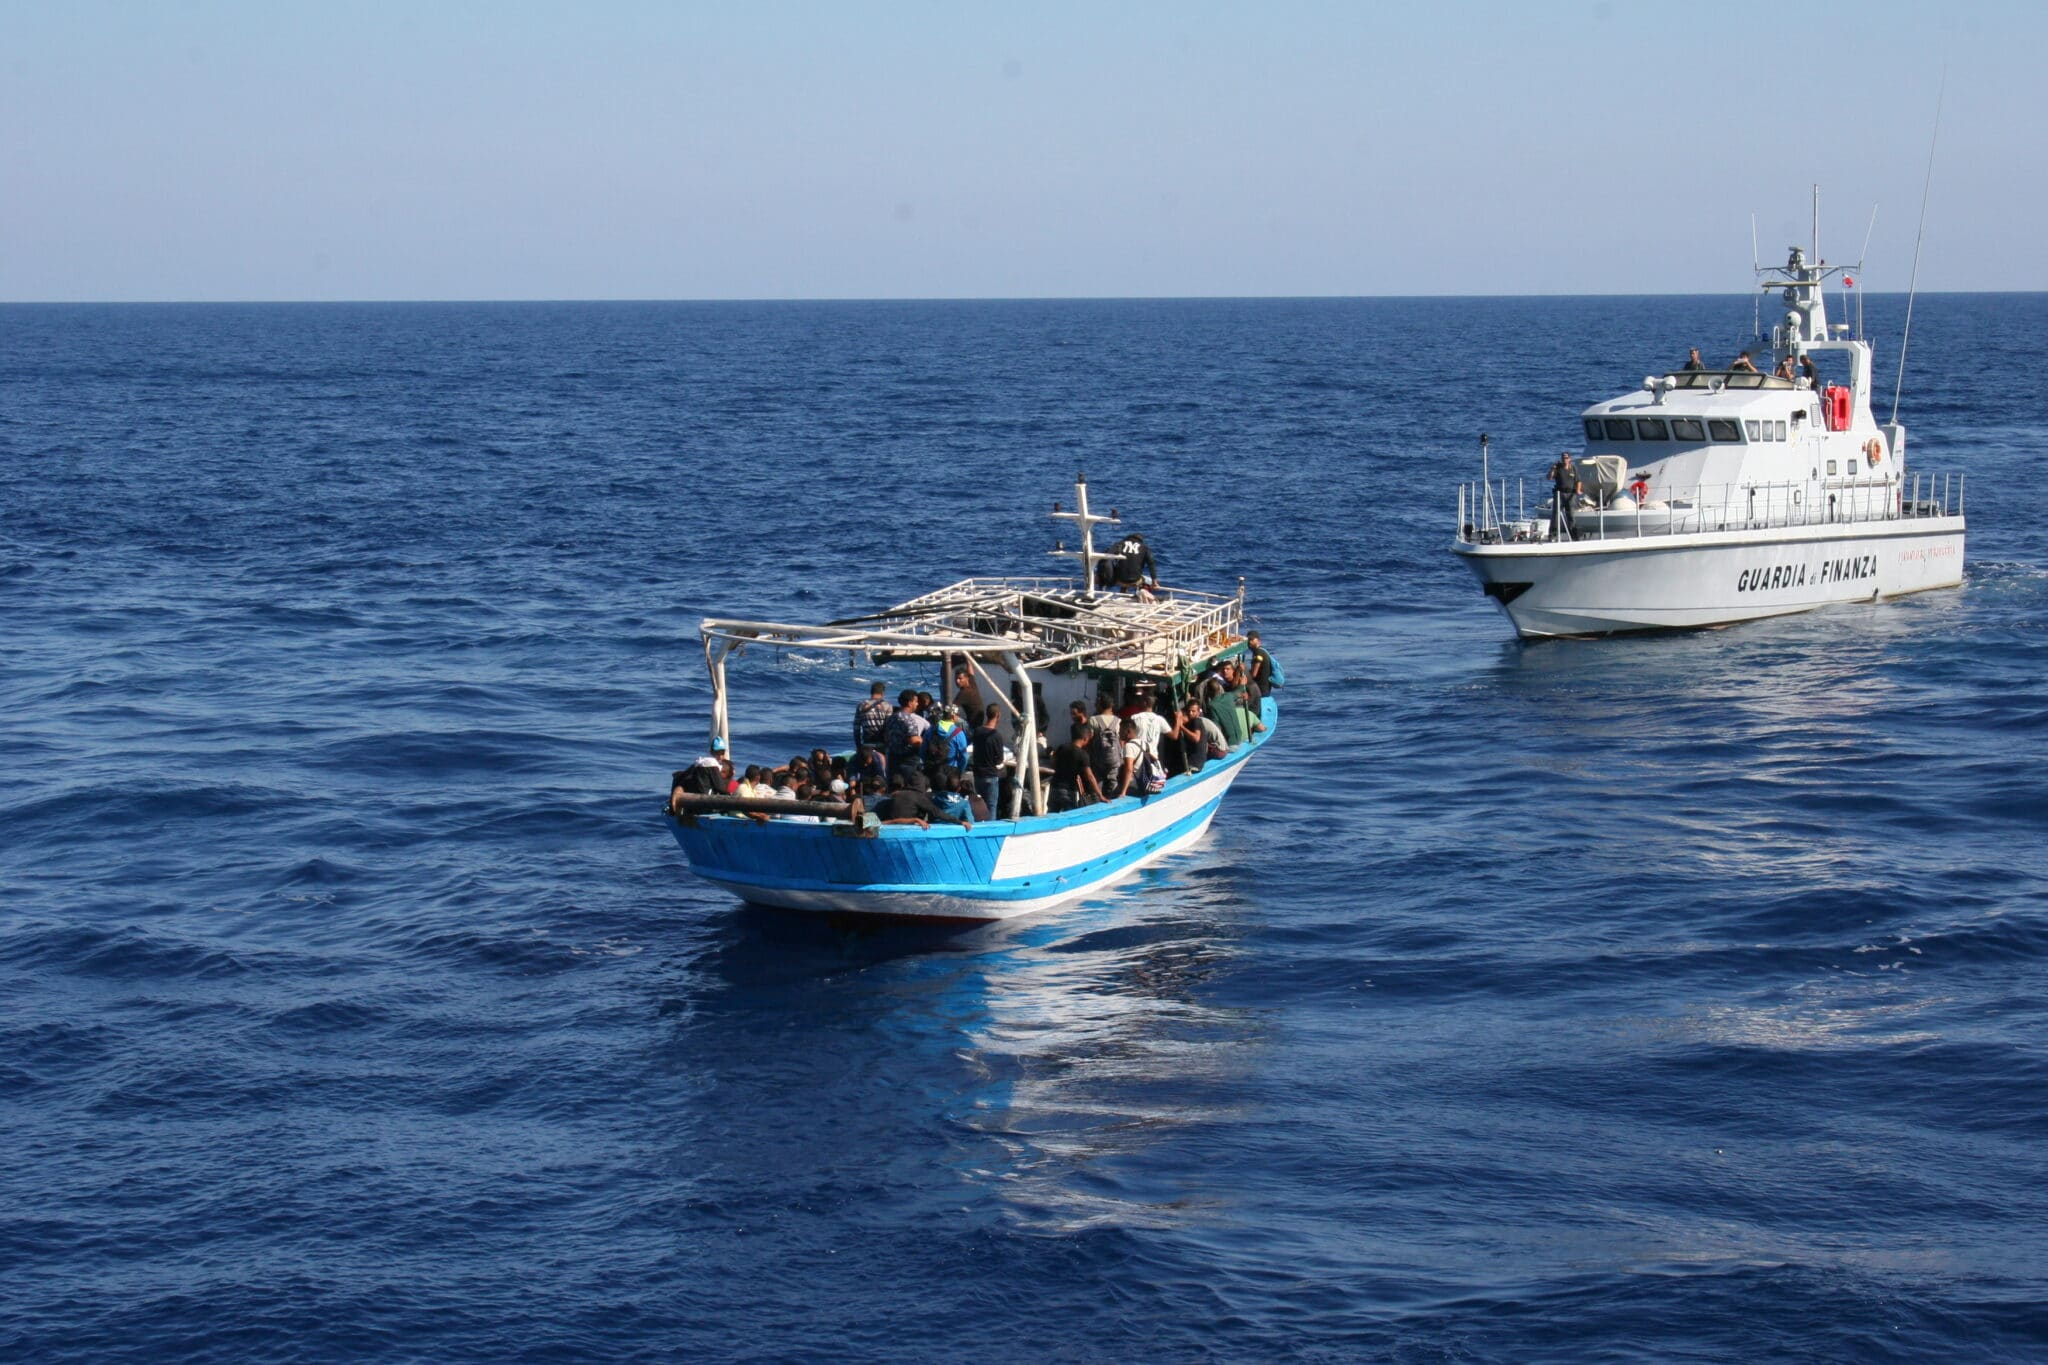 """I pescherecci tunisini trasportano """"merce umana"""" nelle nostre acque territoriali <br> La Tunisia non interviene, sebbene Di Maio le abbia fornito di recente 50 milioni di euro <br> Tasche e porti aperti"""